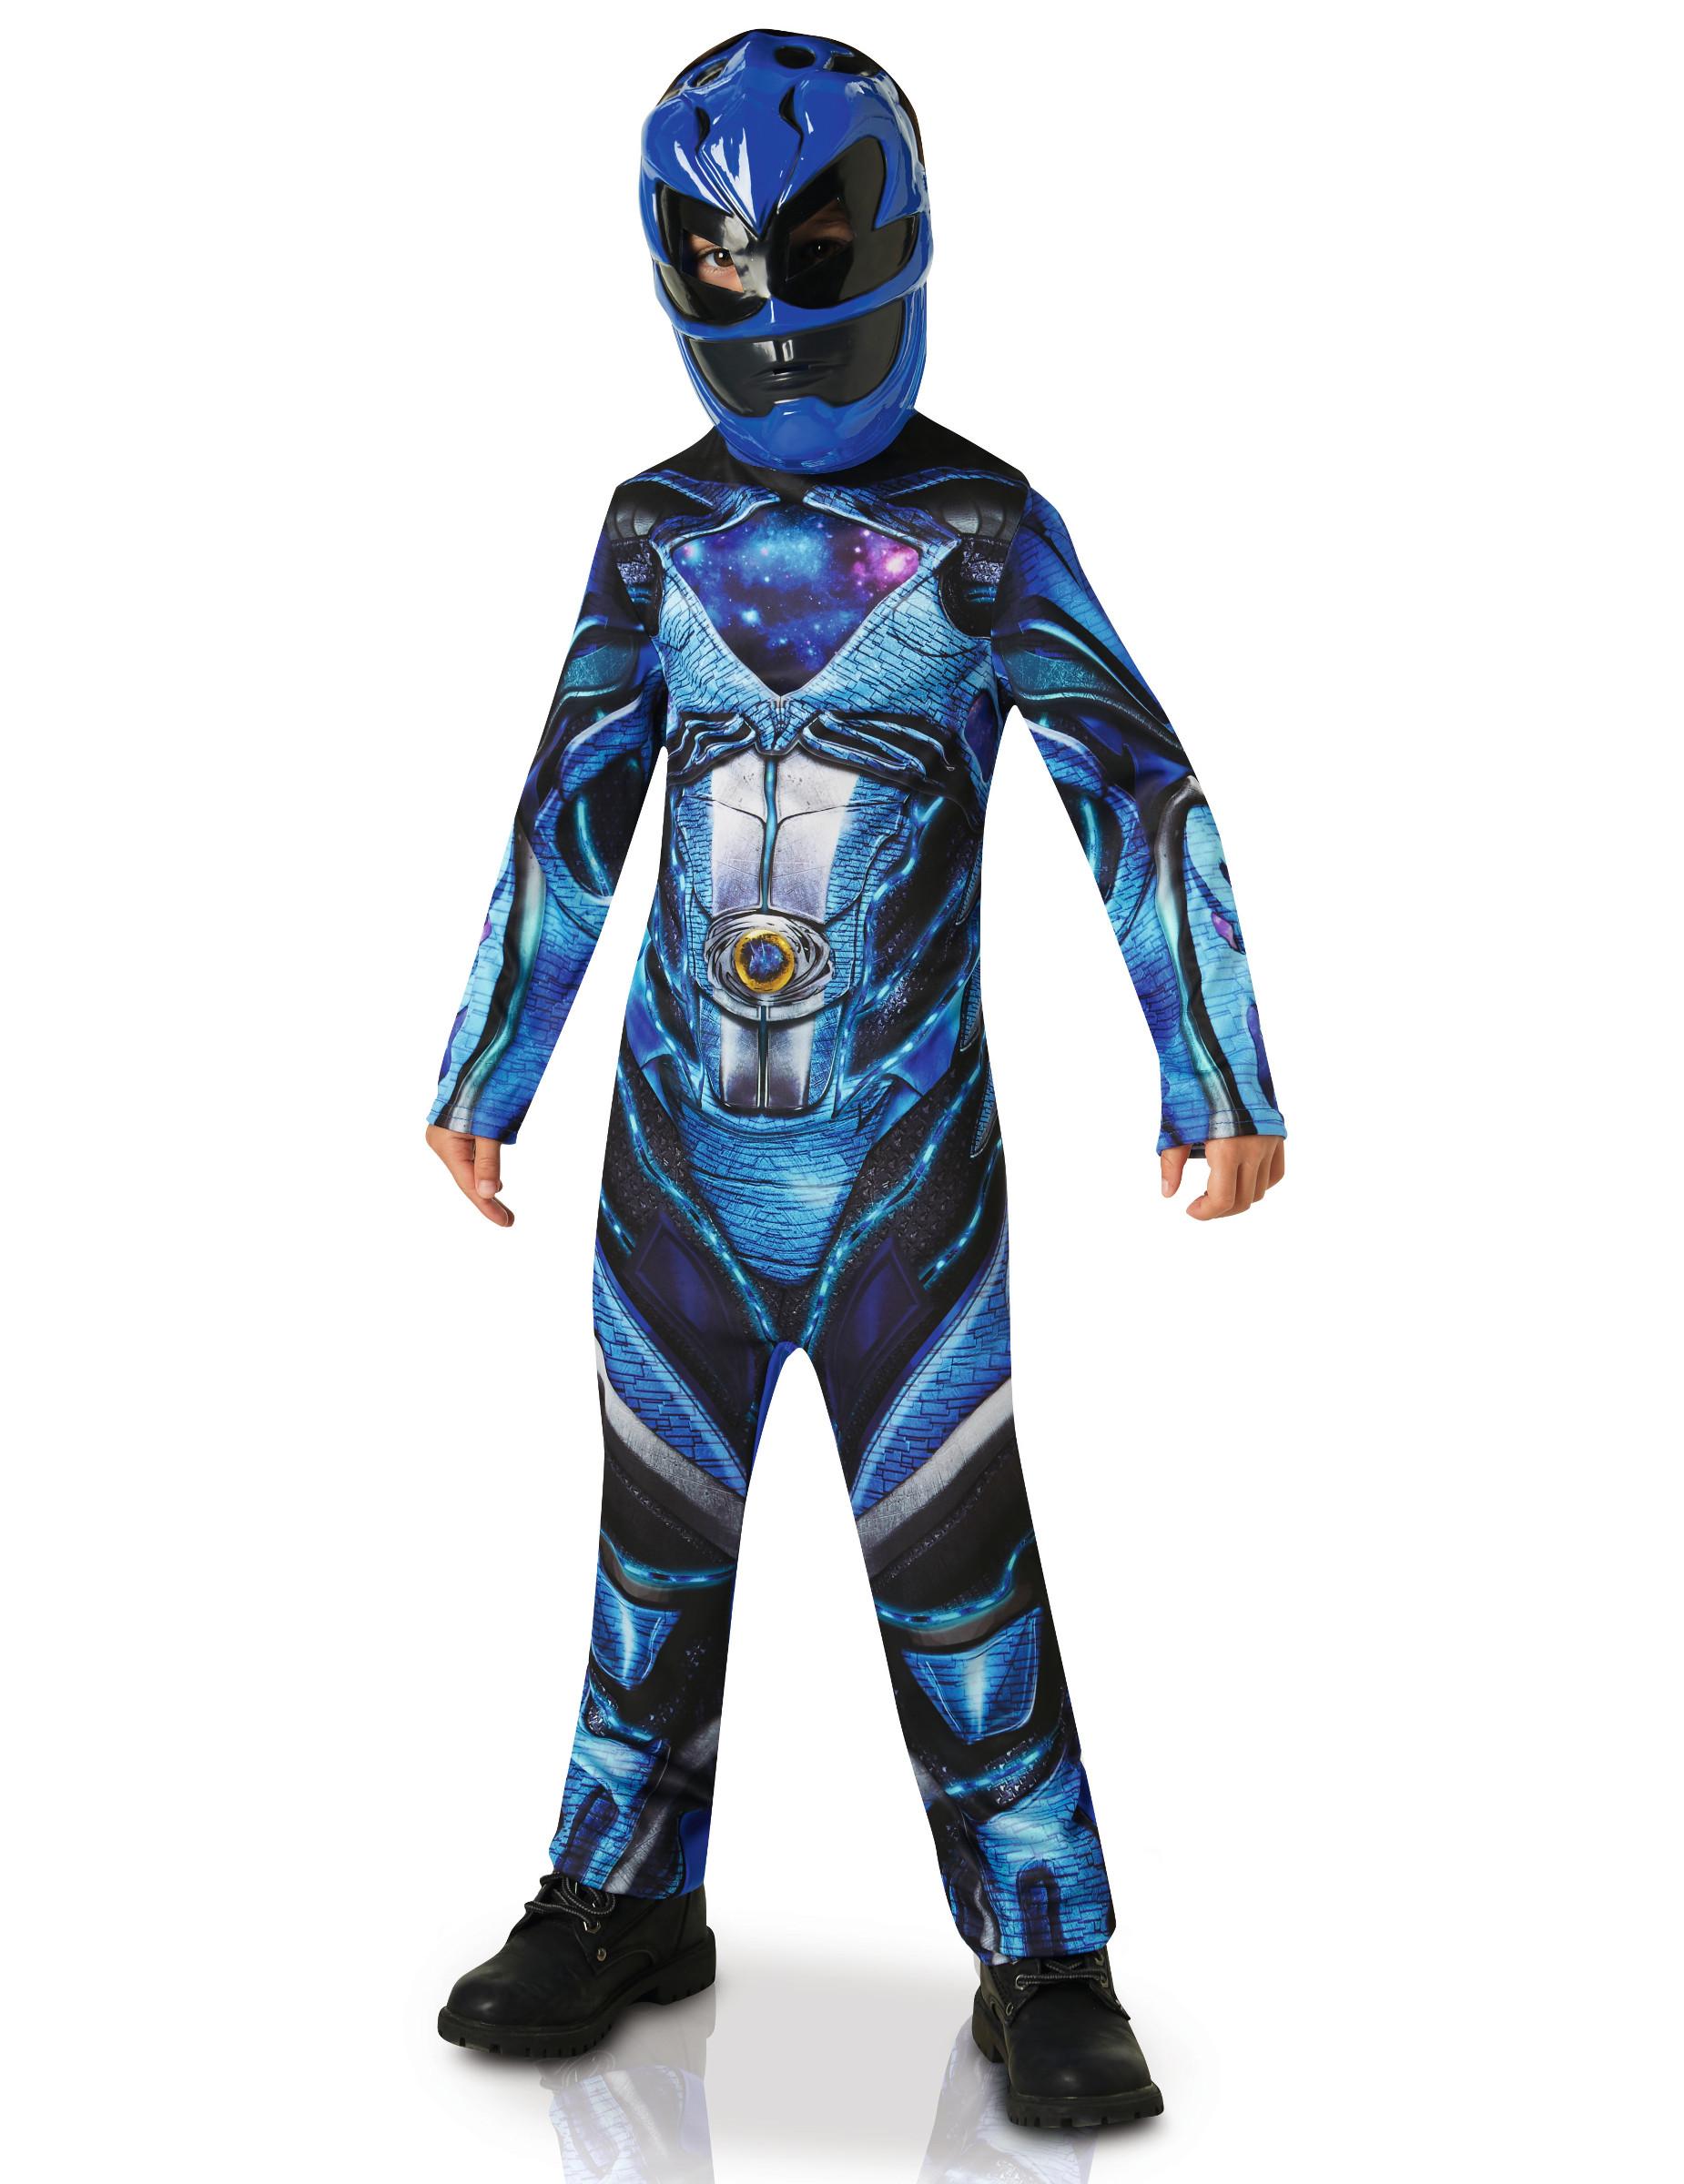 déguisement power rangers bleu